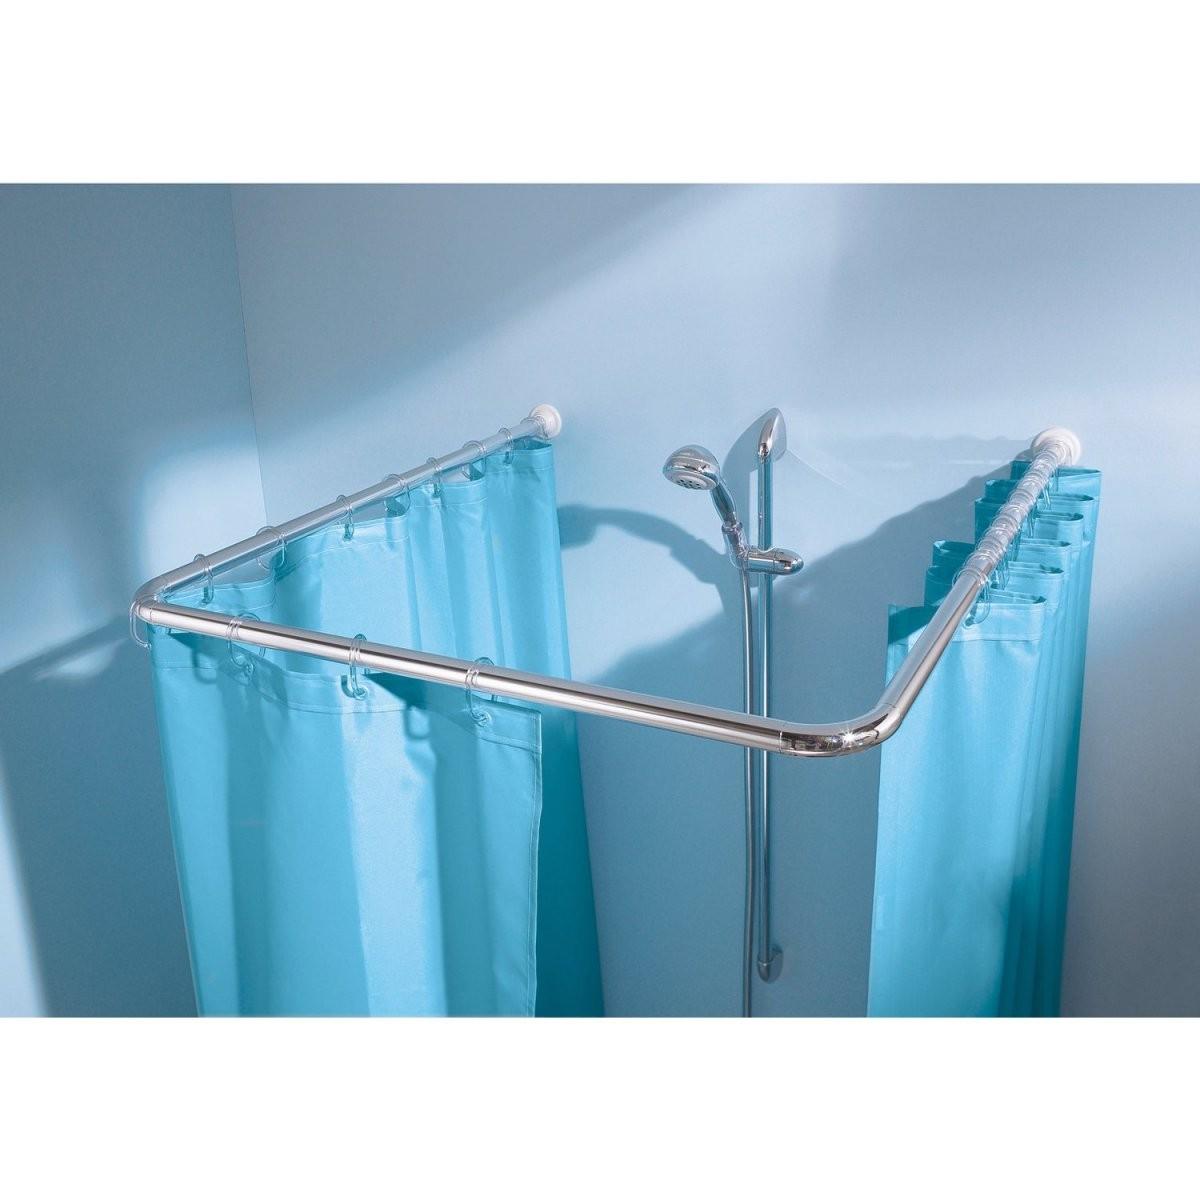 Duschstange Online Kaufen Bei Obi von Duschvorhang Mit Stange Für Badewanne Bild